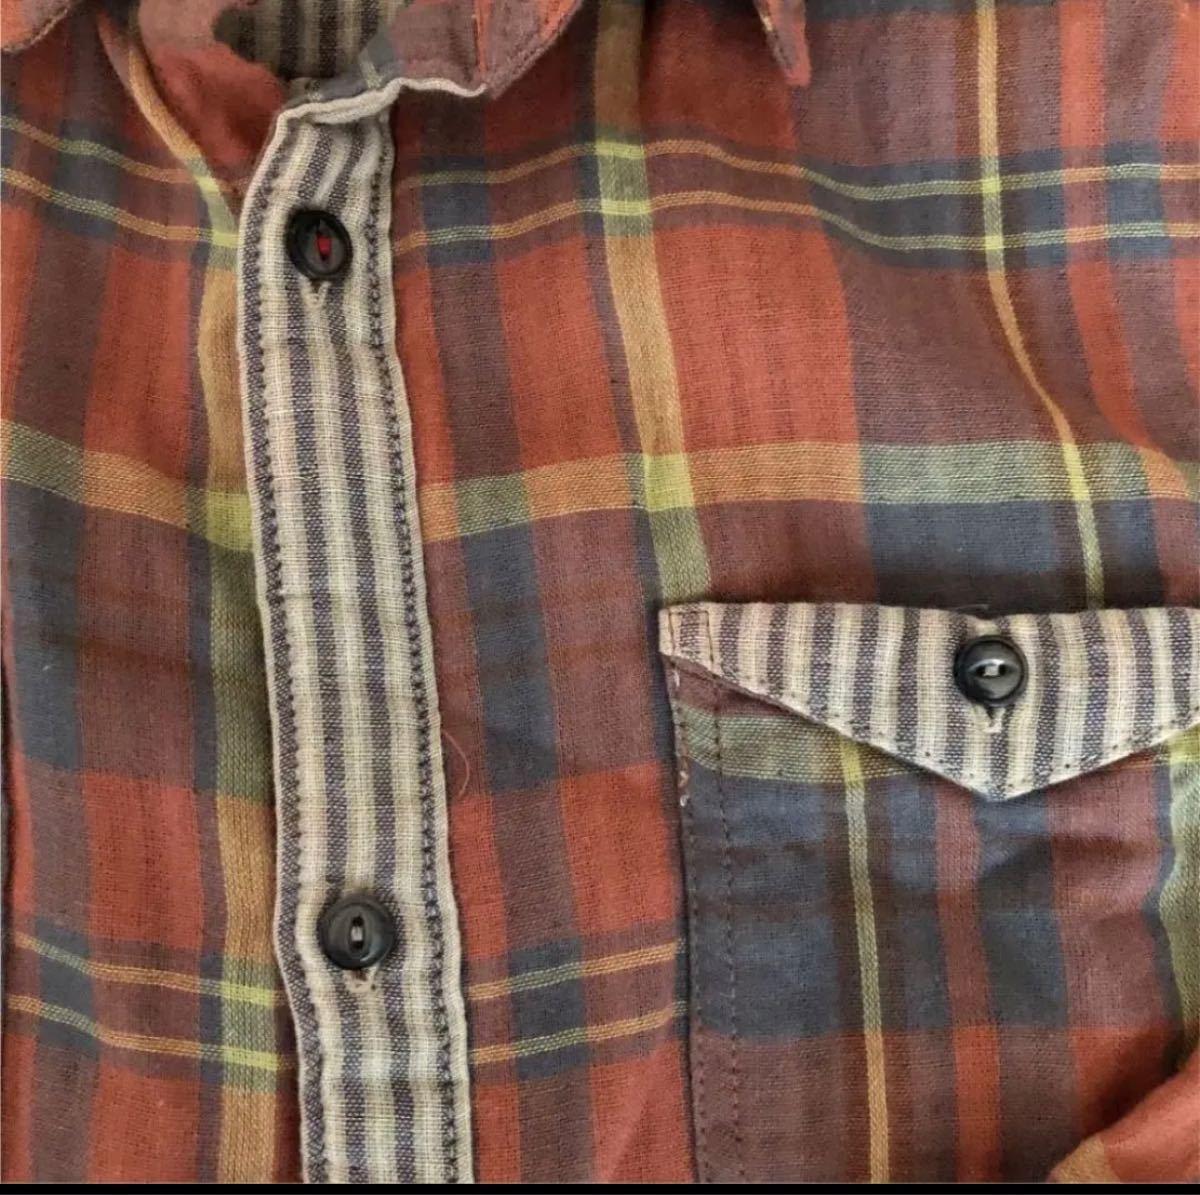 チェックシャツ、シャツワンピース